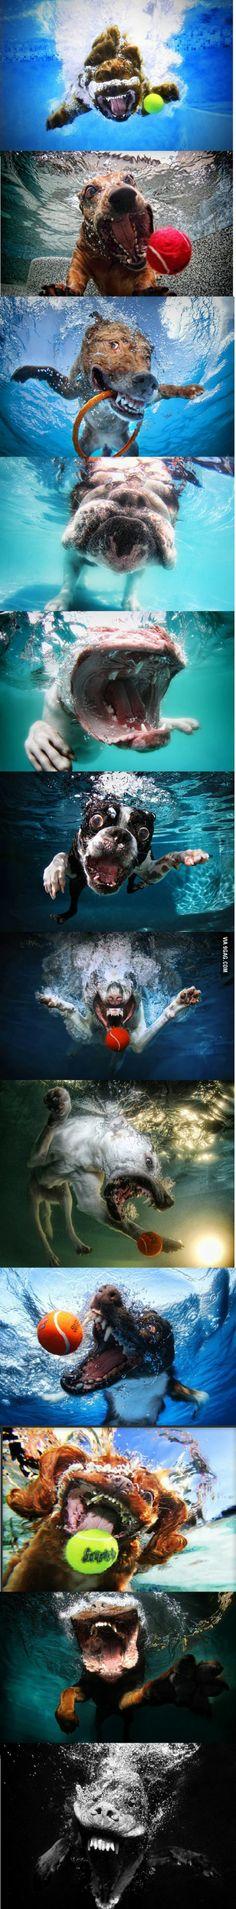 Dogs underwater. / Perros bajo el agua